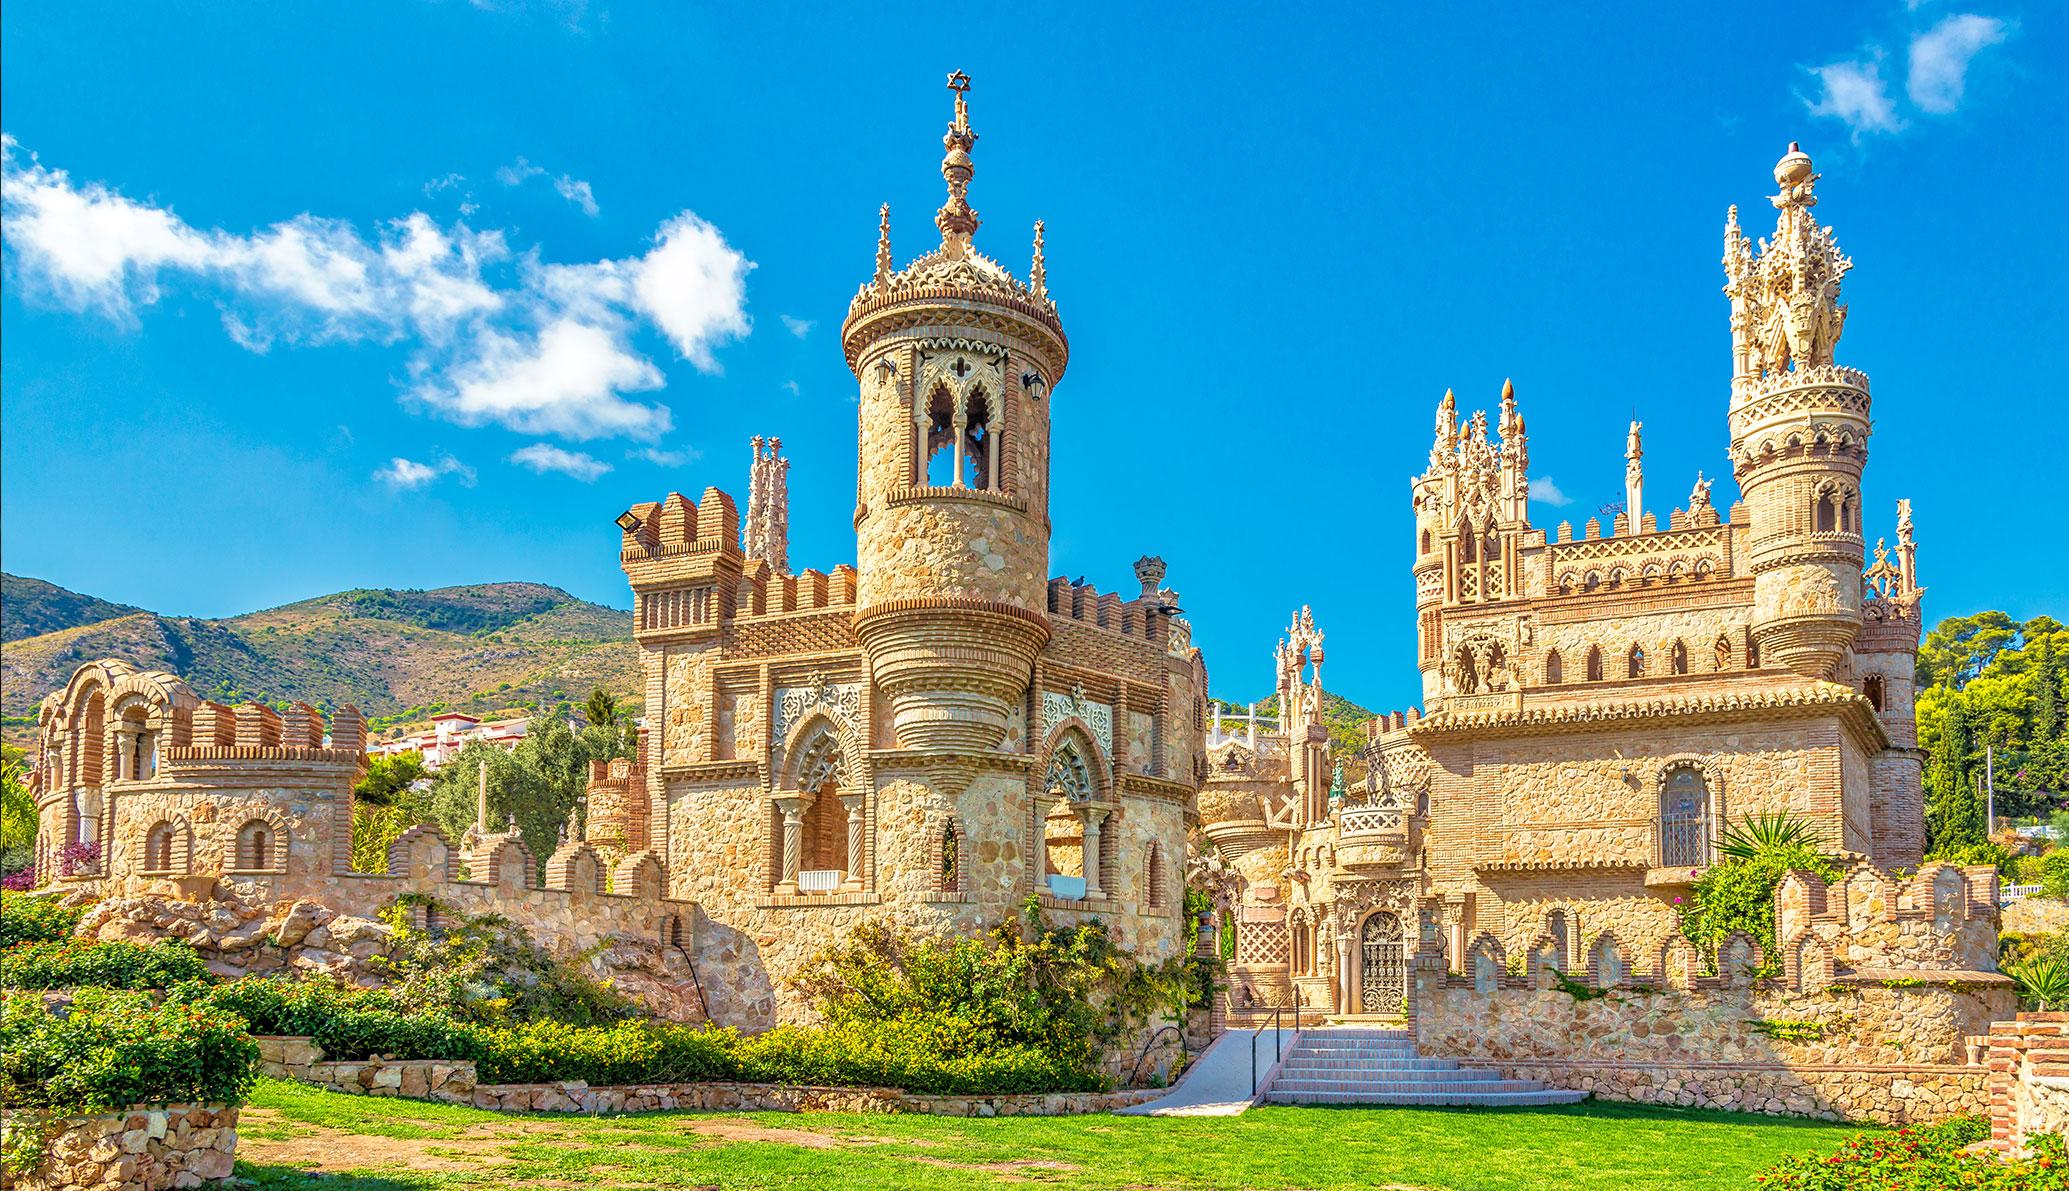 Découvrez la plus petite église du monde au Château de Colomares